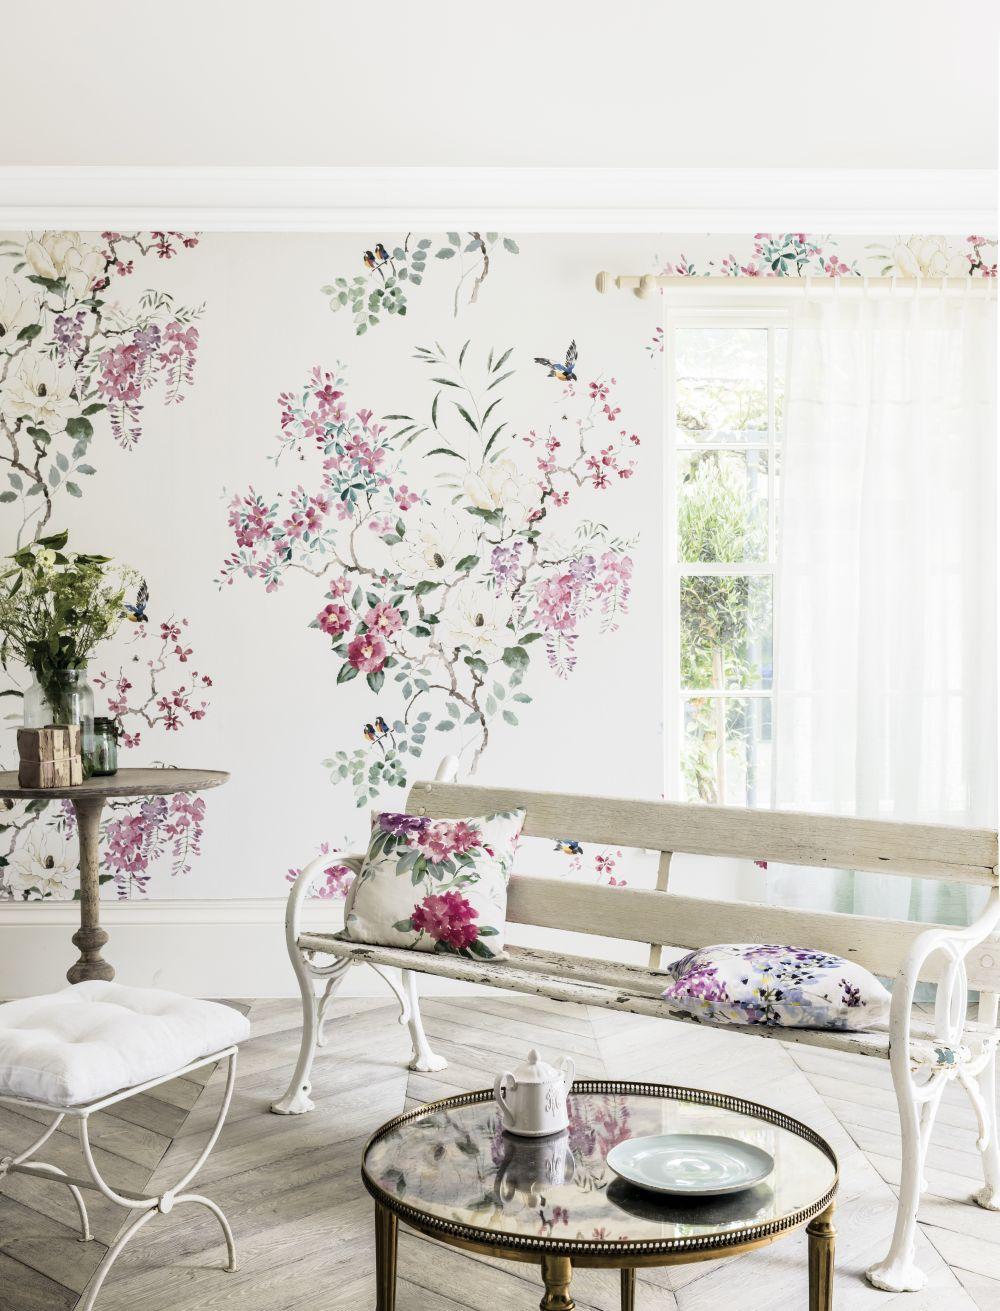 Magnolia & Blossom Panel A Mural - Multi - by Sanderson